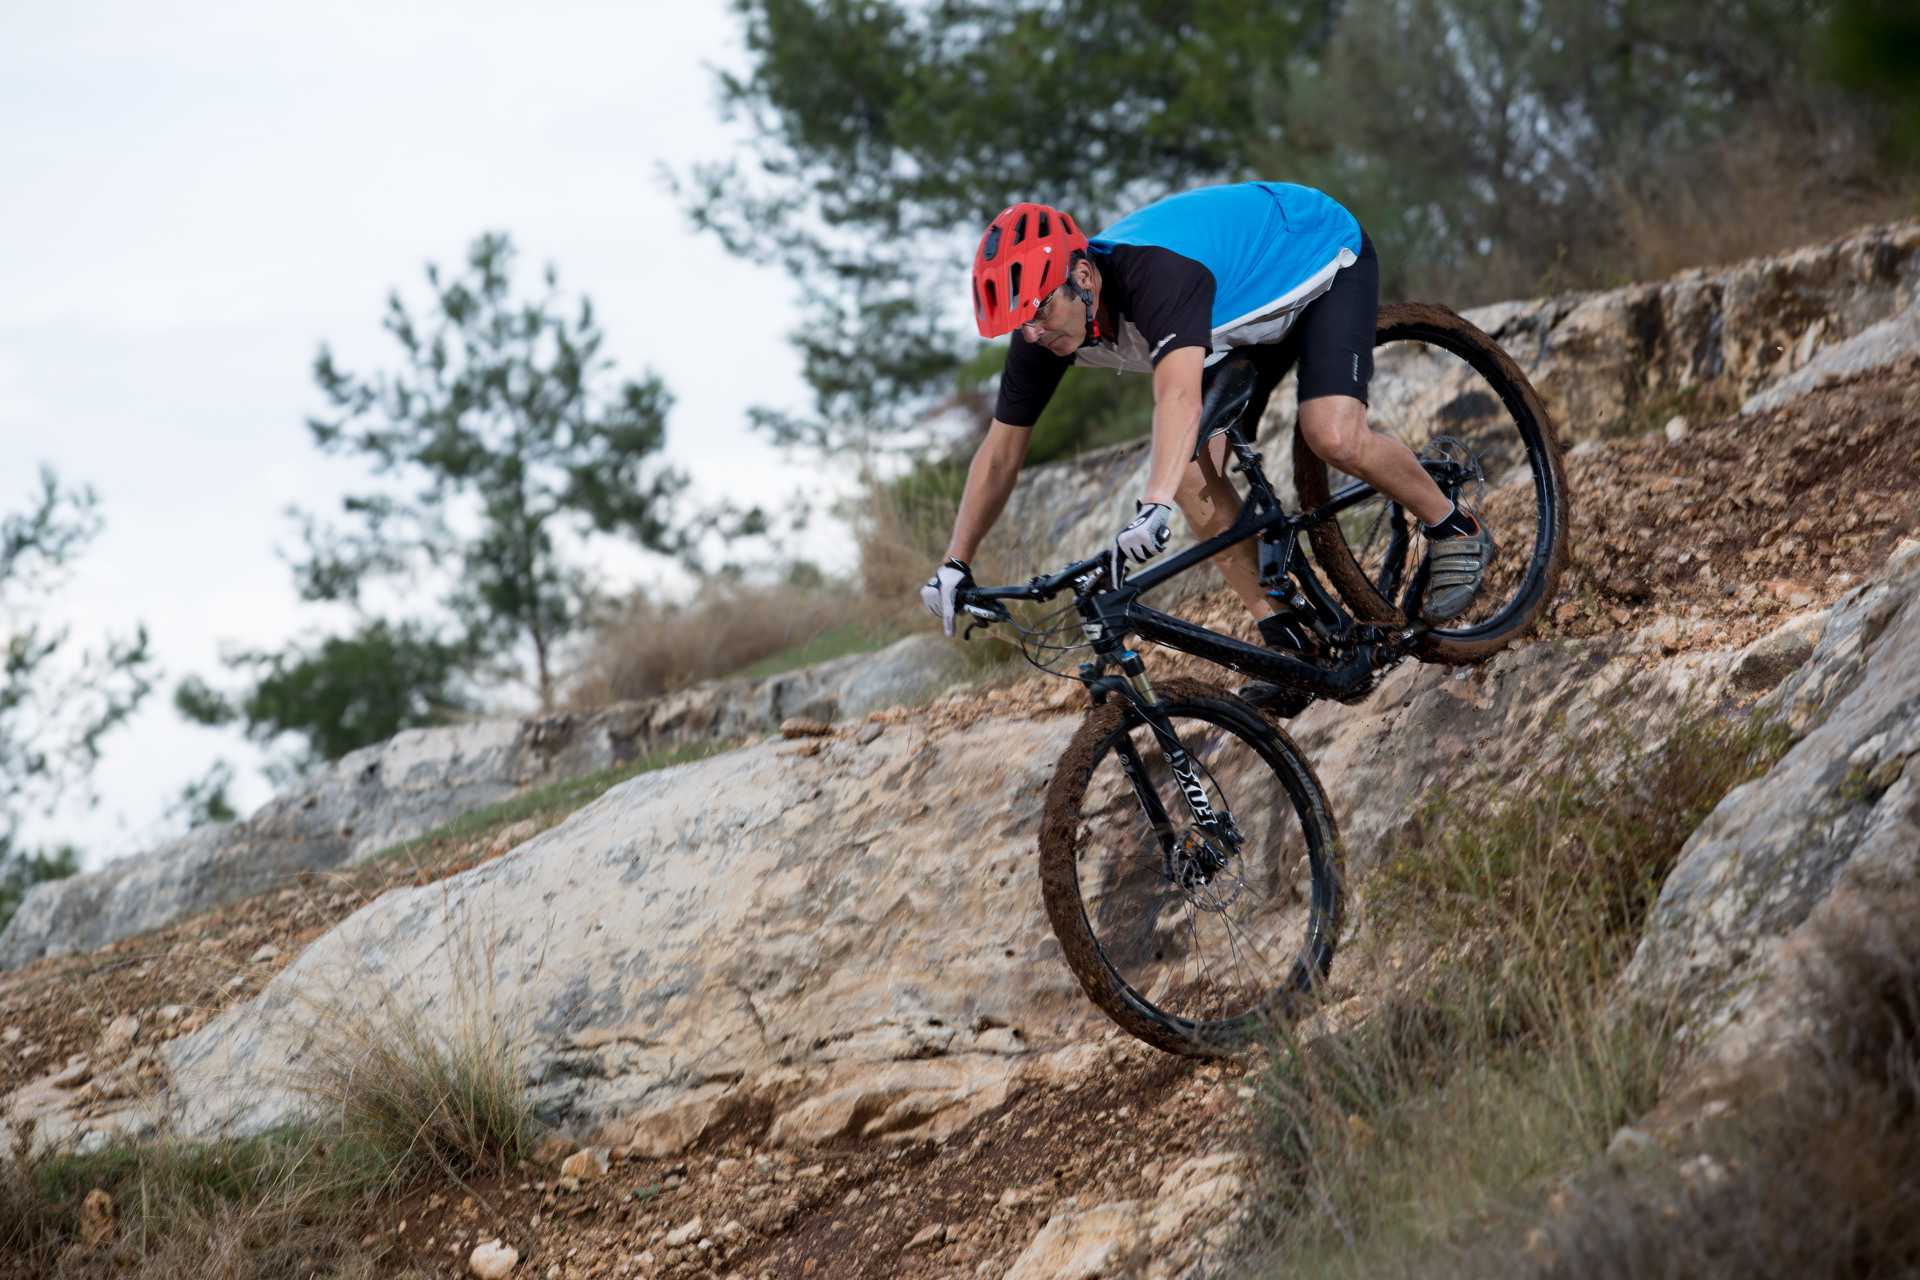 מבחן אופניים ברגמונט קונטרייל 8.0. שלדת קרבון, איבזור משובח ותג מחיר חדש ואטרקטיבי. צילום: תומר פדר